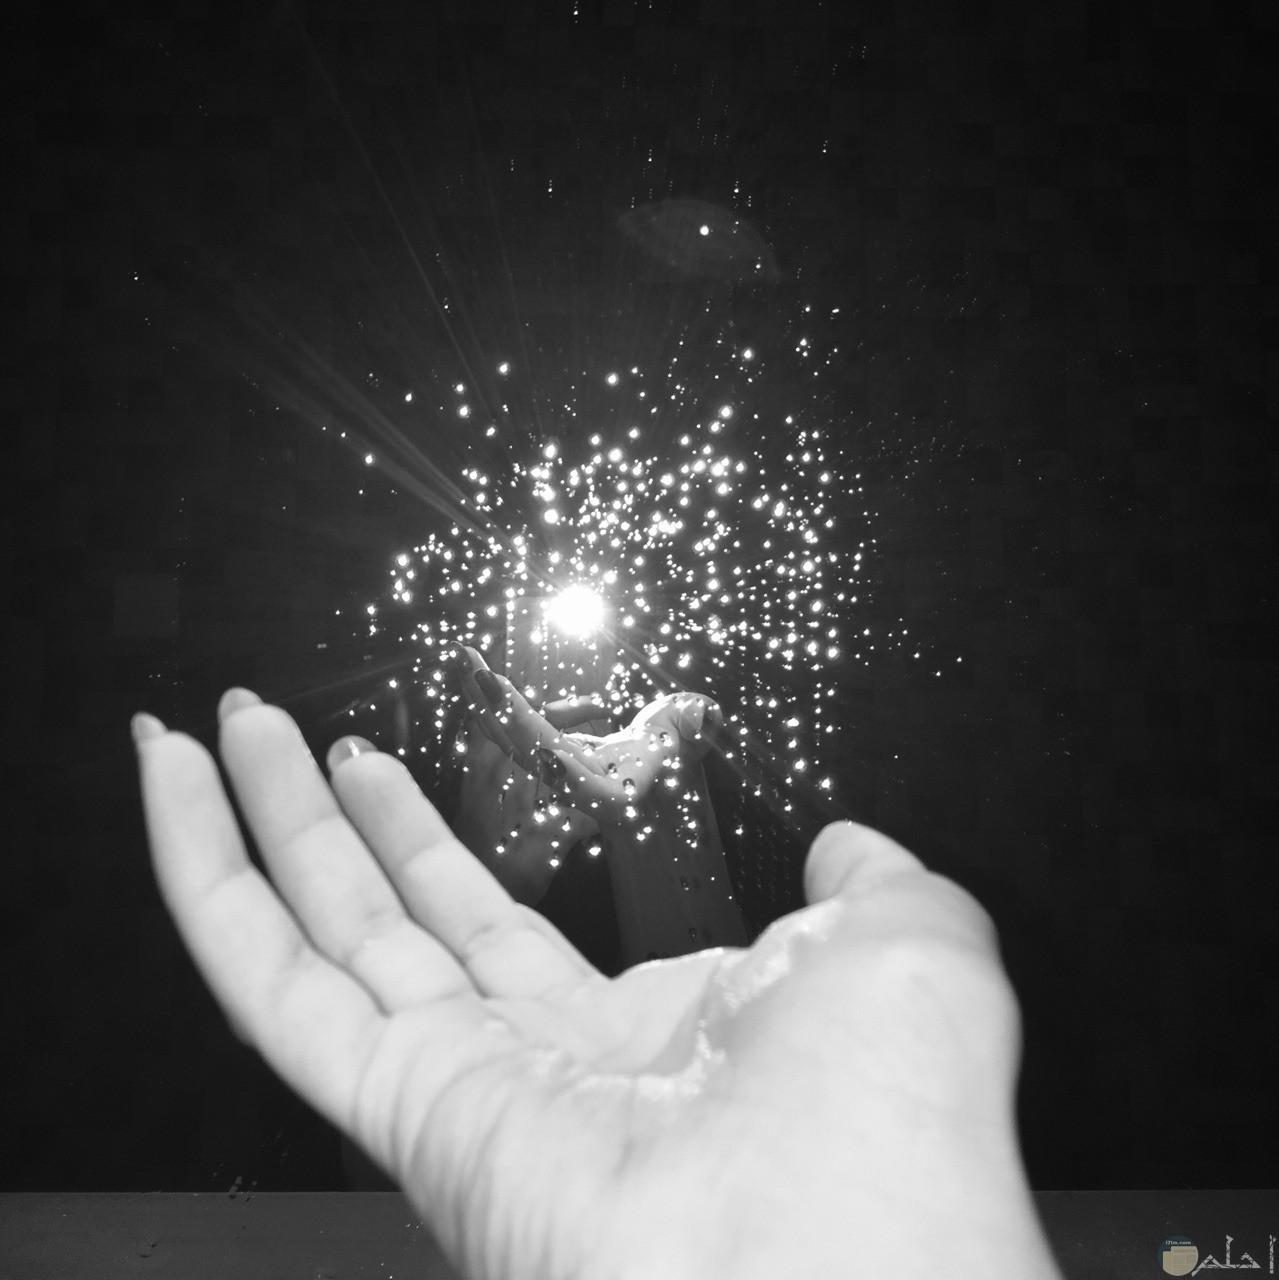 يد تخرج شئ يتألق جميلة و معبرة.